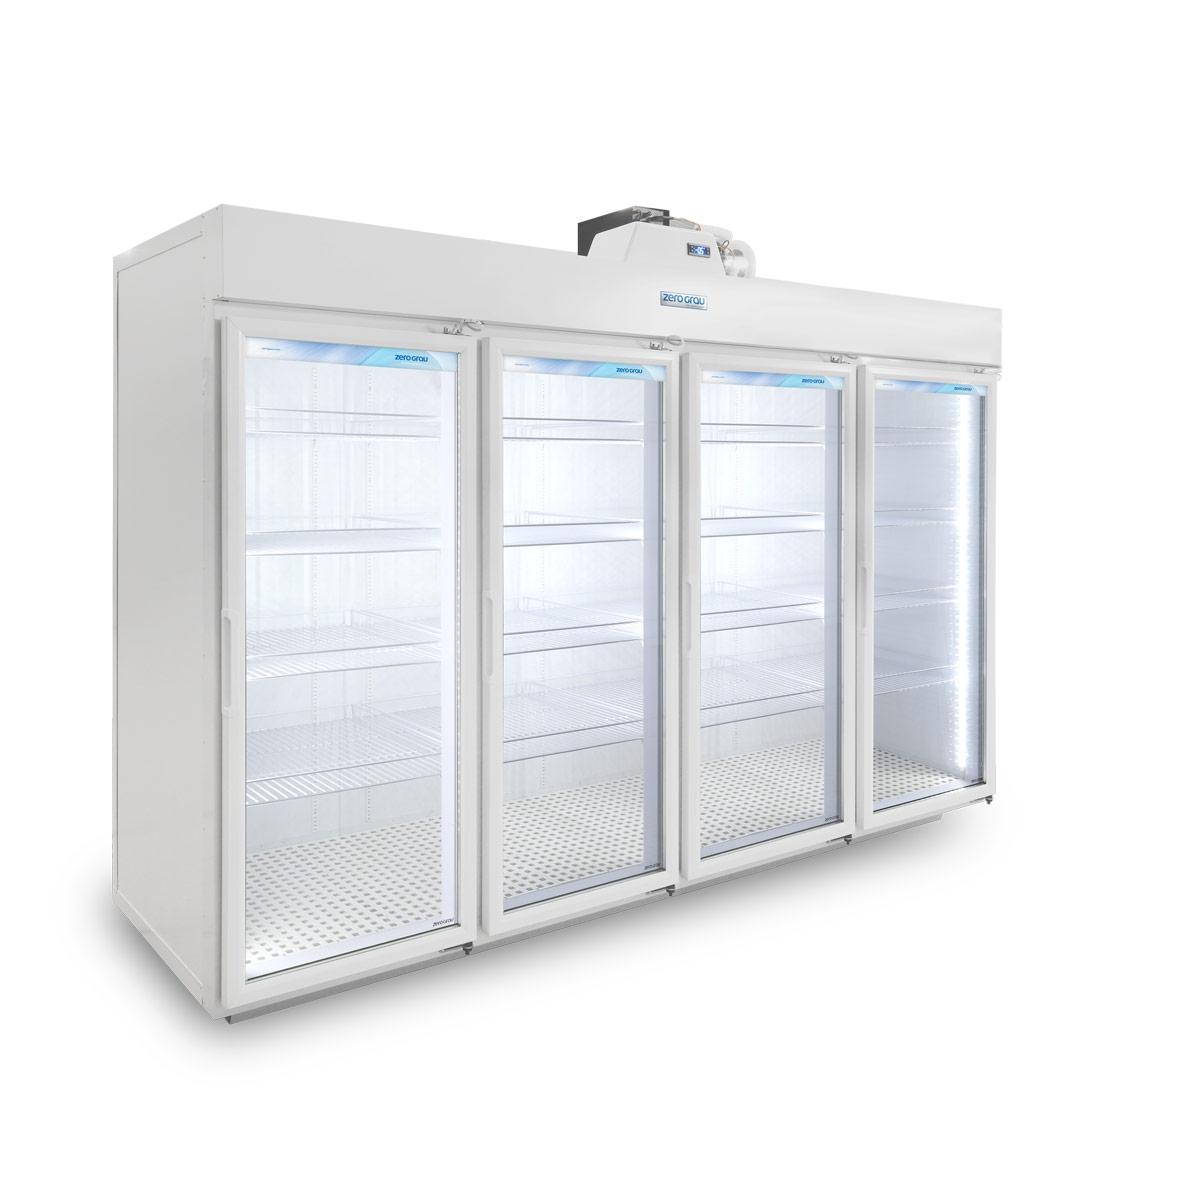 Expositor Modular 4 Portas para Congelados - 3.290 Litros